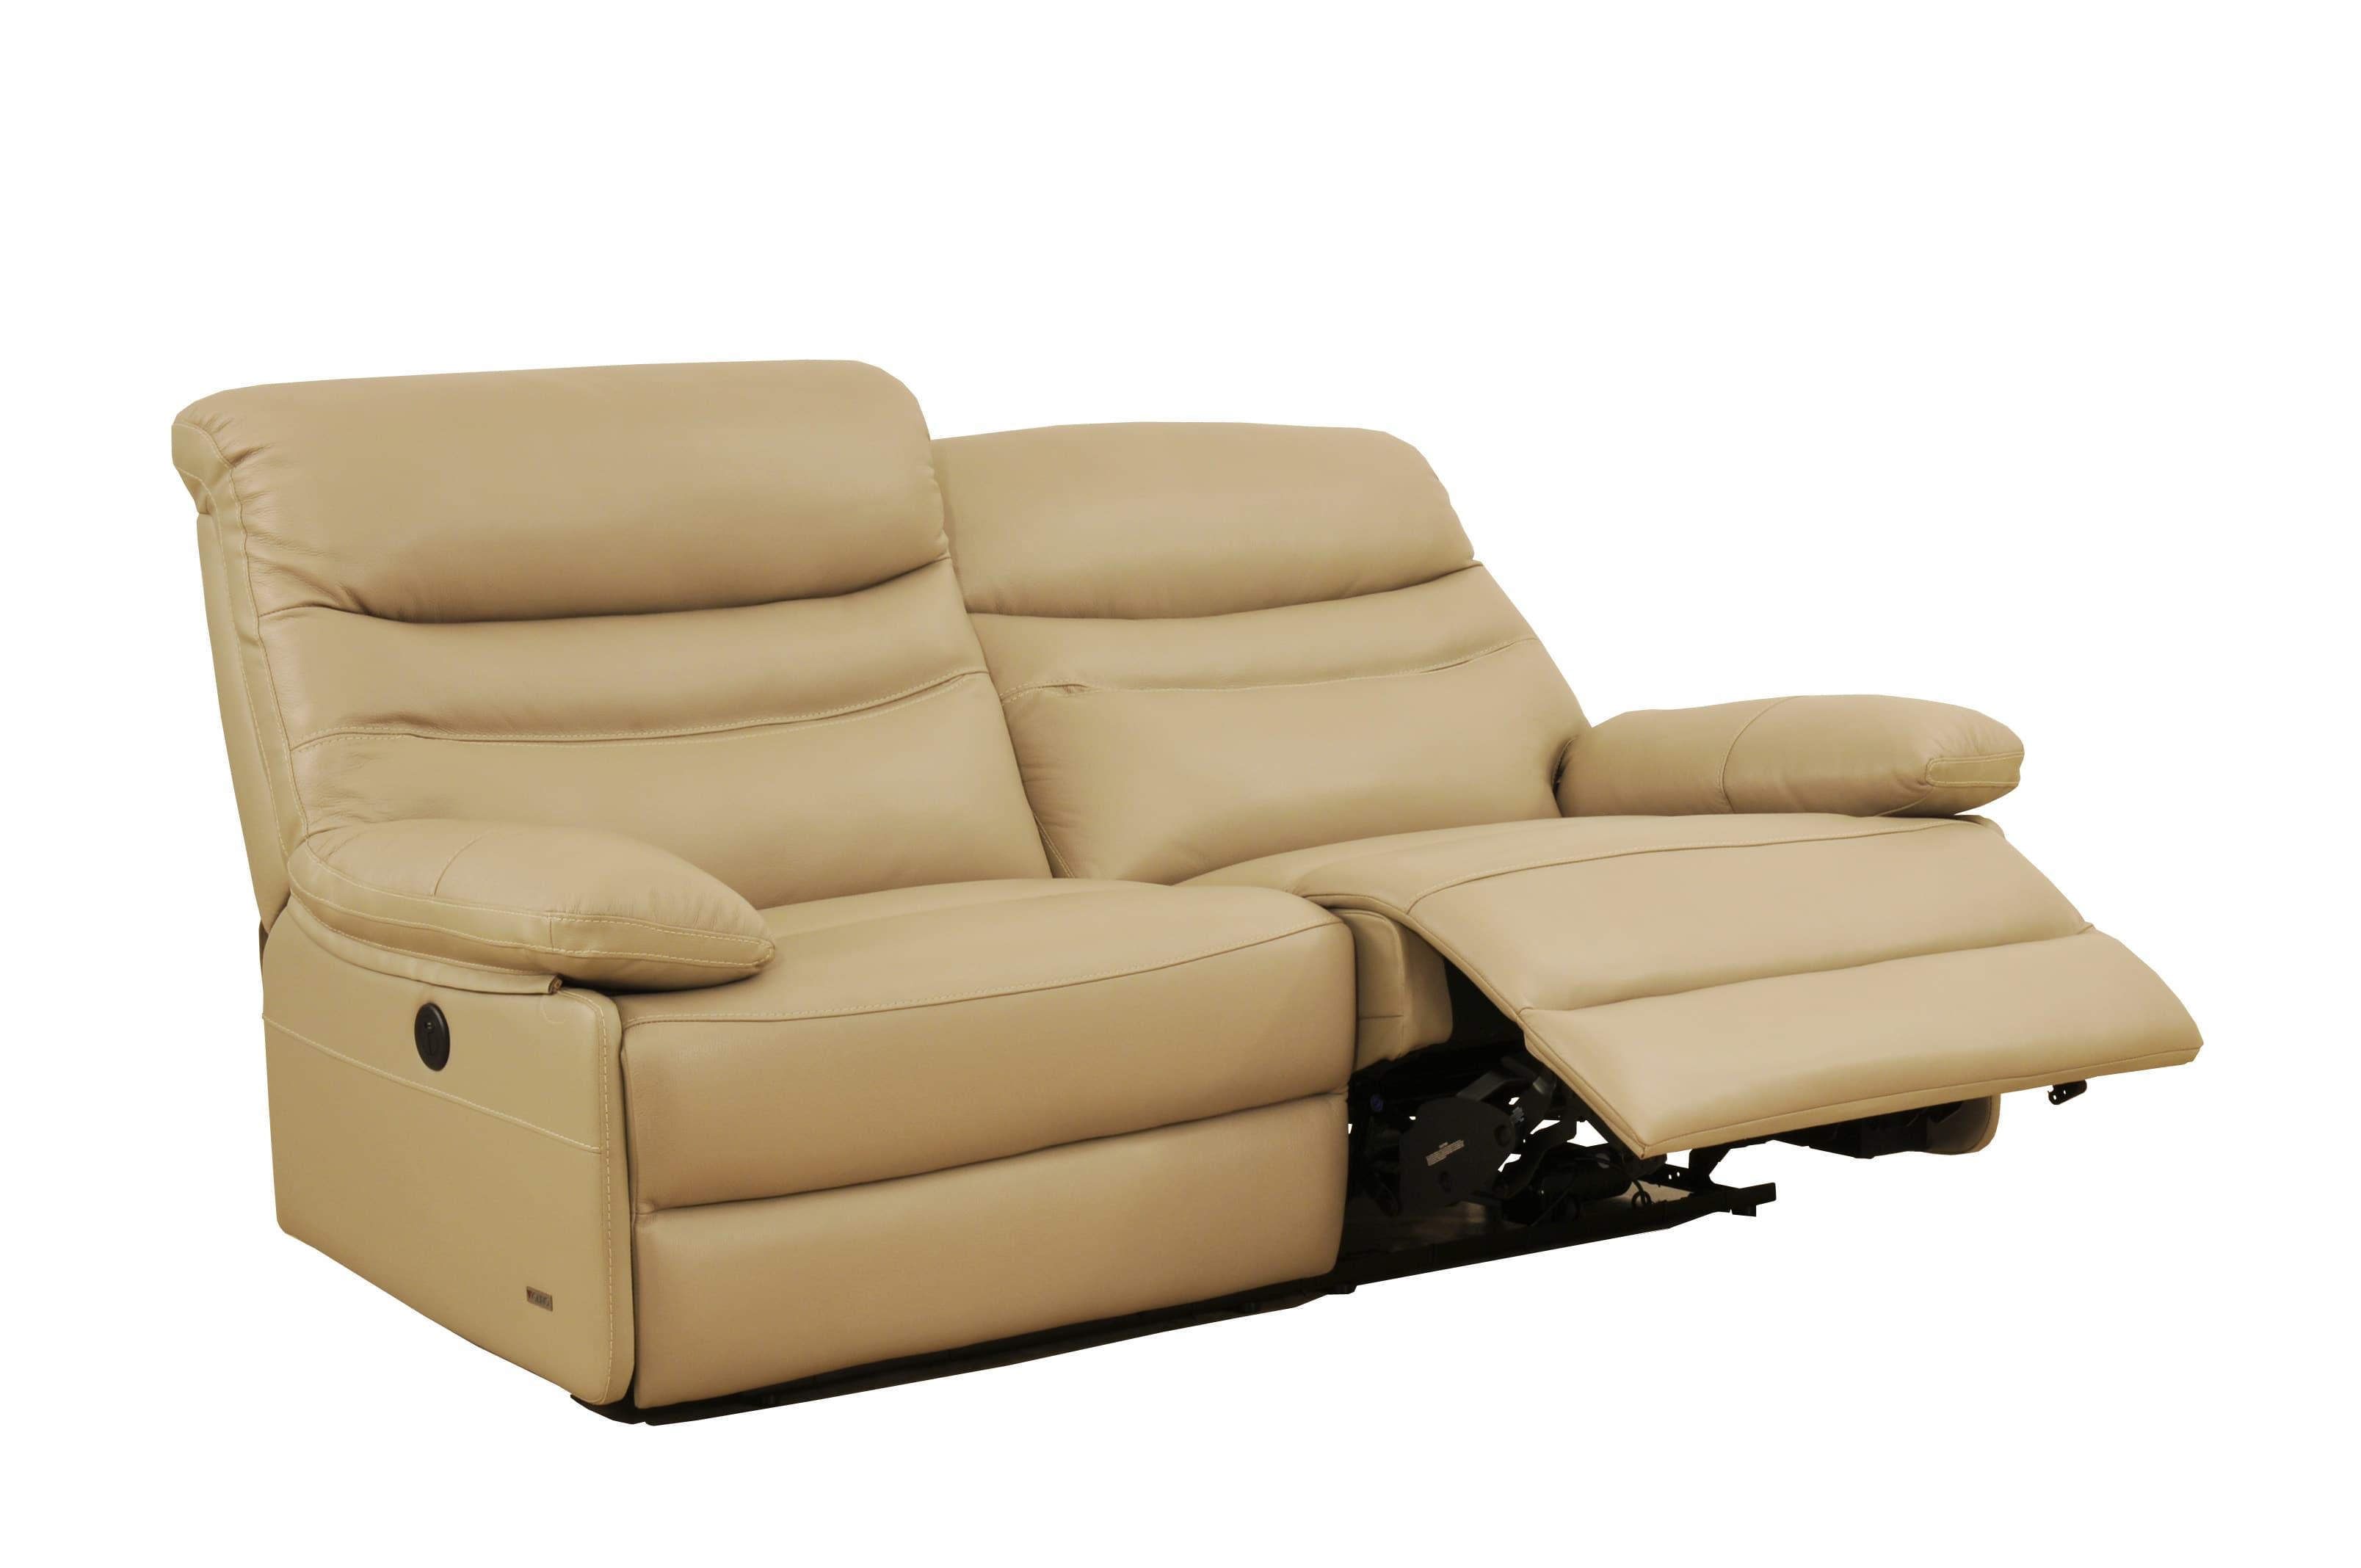 3人掛けソファー ルーク3S(2C) SBE:包み込まれるような座り心地の電動モーションソファー